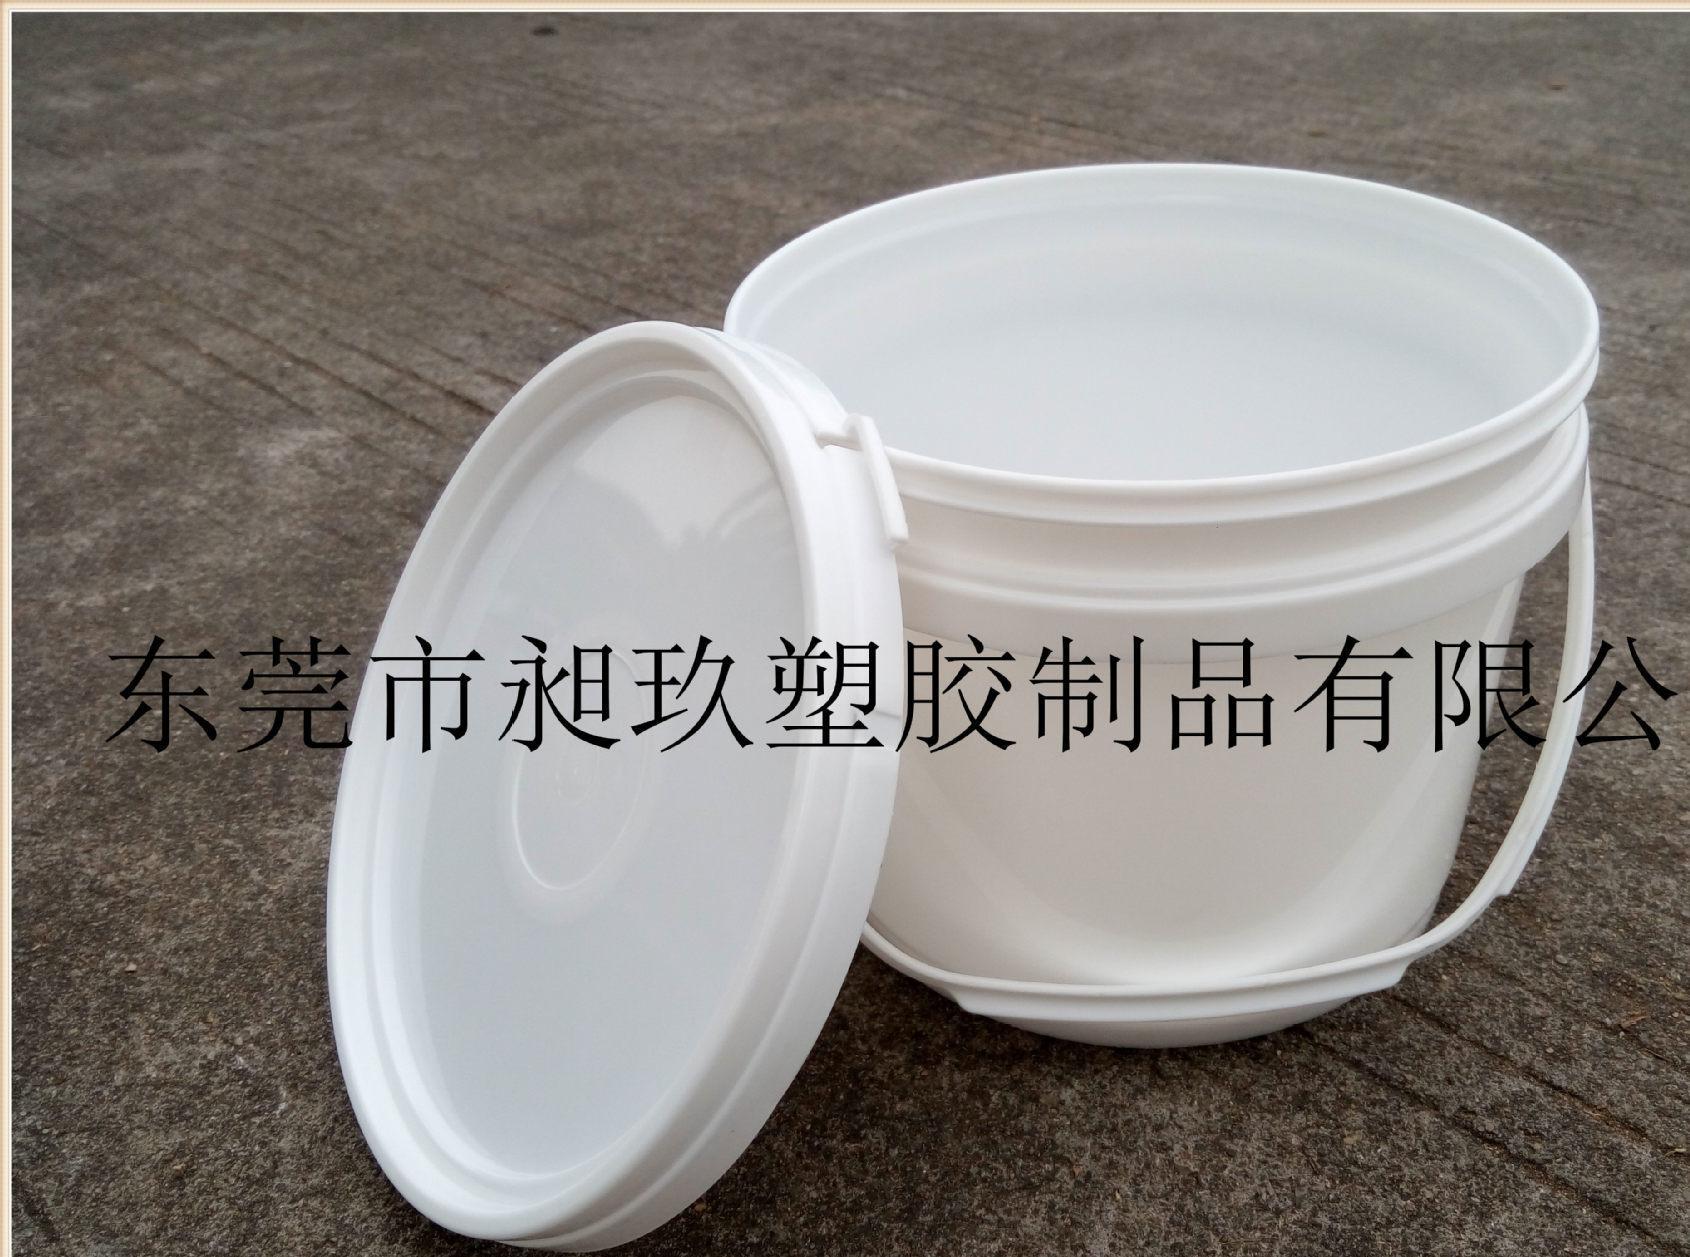 New material 3L plastic barrel/building materials barrel paint barrel/adhesive chemical barrel/washing powder barrel sample barrel